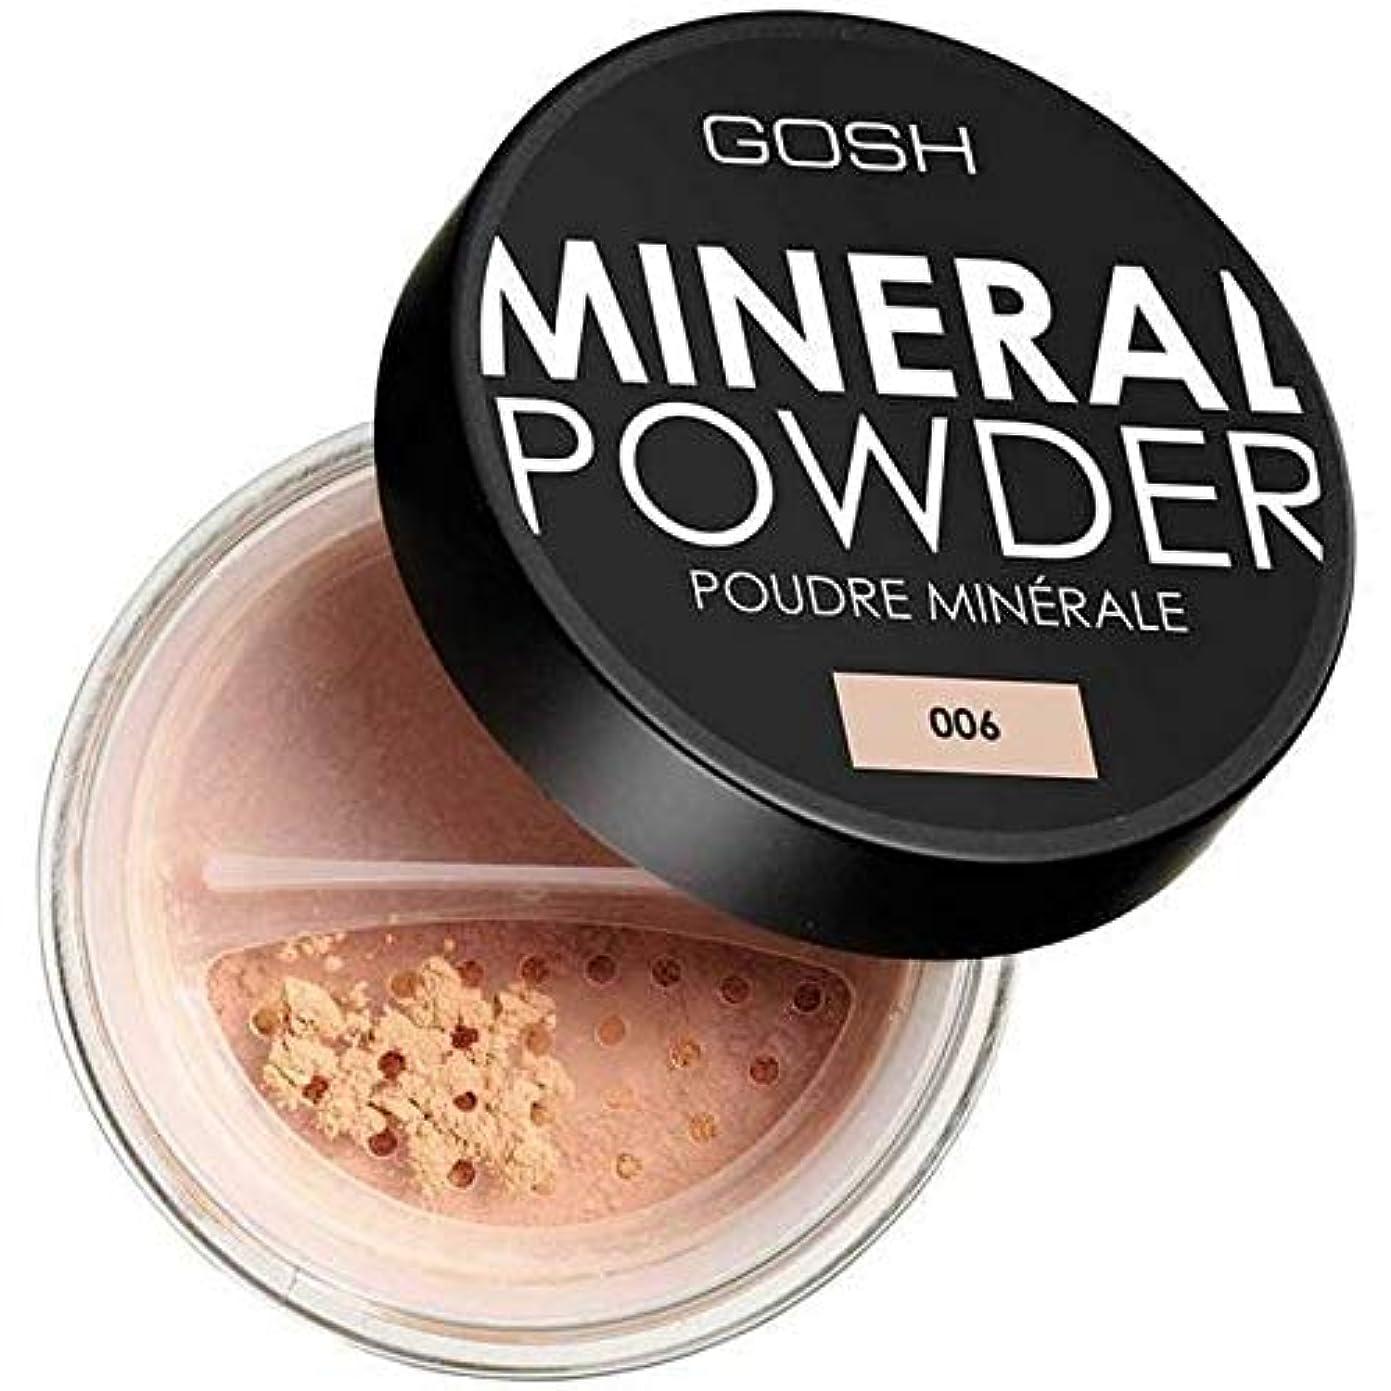 リング深さ乱れ[GOSH ] おやっミネラルフルカバレッジ基礎粉末蜂蜜006 - GOSH Mineral Full Coverage Foundation Powder Honey 006 [並行輸入品]